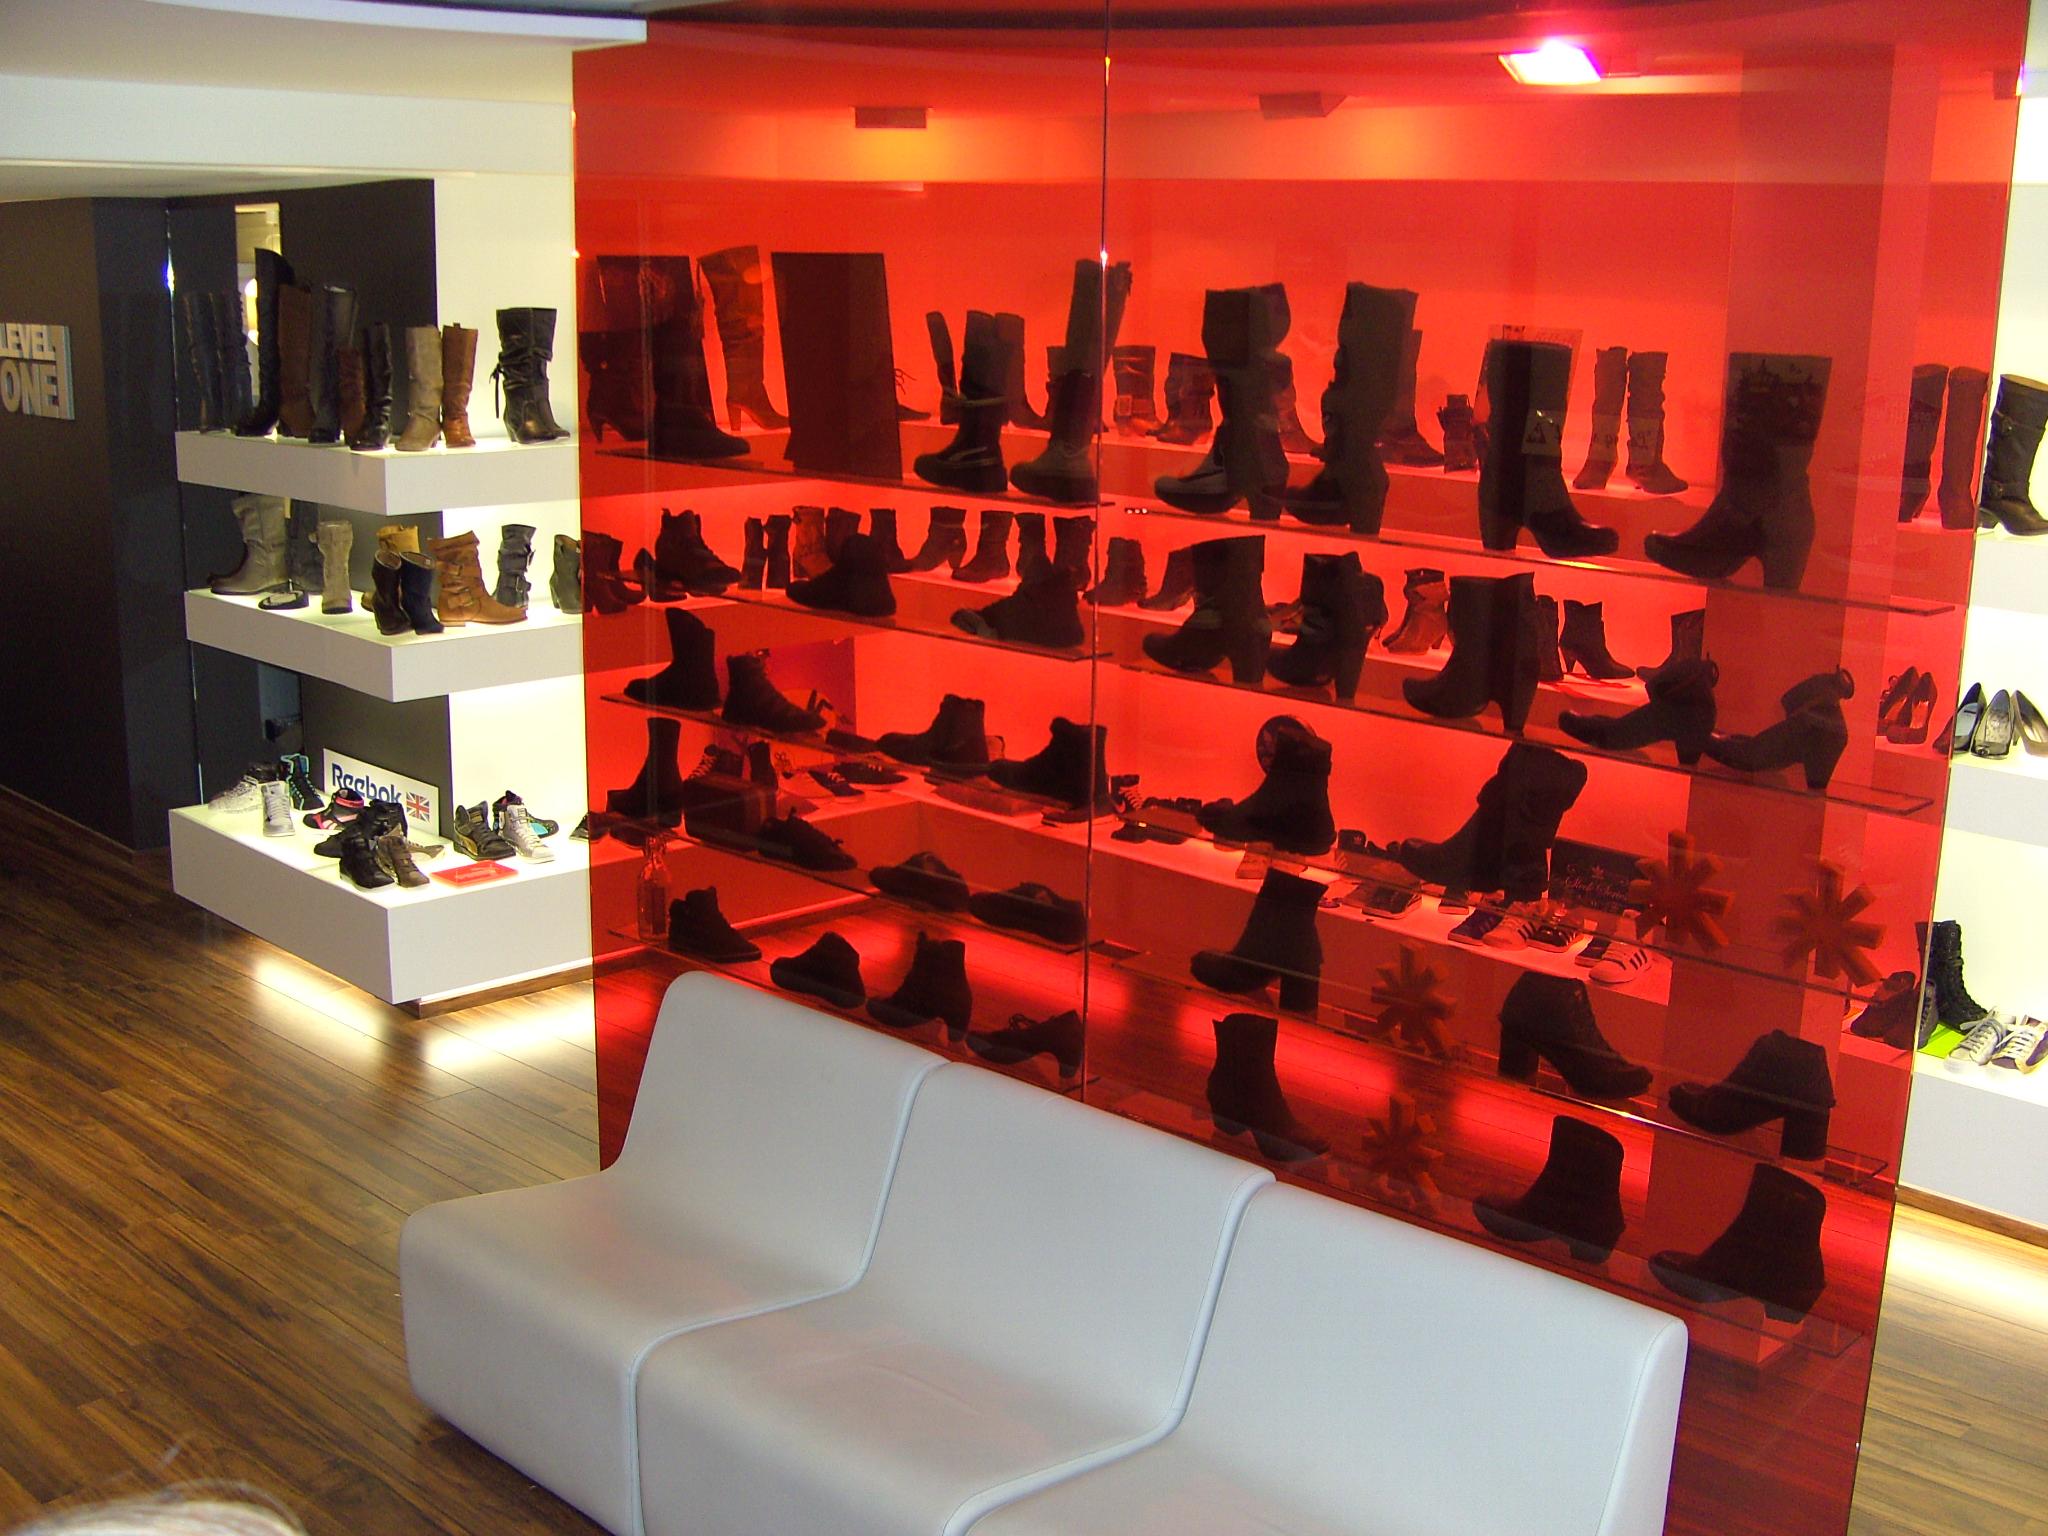 All Interior Projects, ontwerp, Interieurvormgever, interieurarchitect, Gent, gentbrugge, winkel, boutique, apotheek, boetiek, schoenenwinkel, klerenwinkel, inrichting, verbouwing, interieur